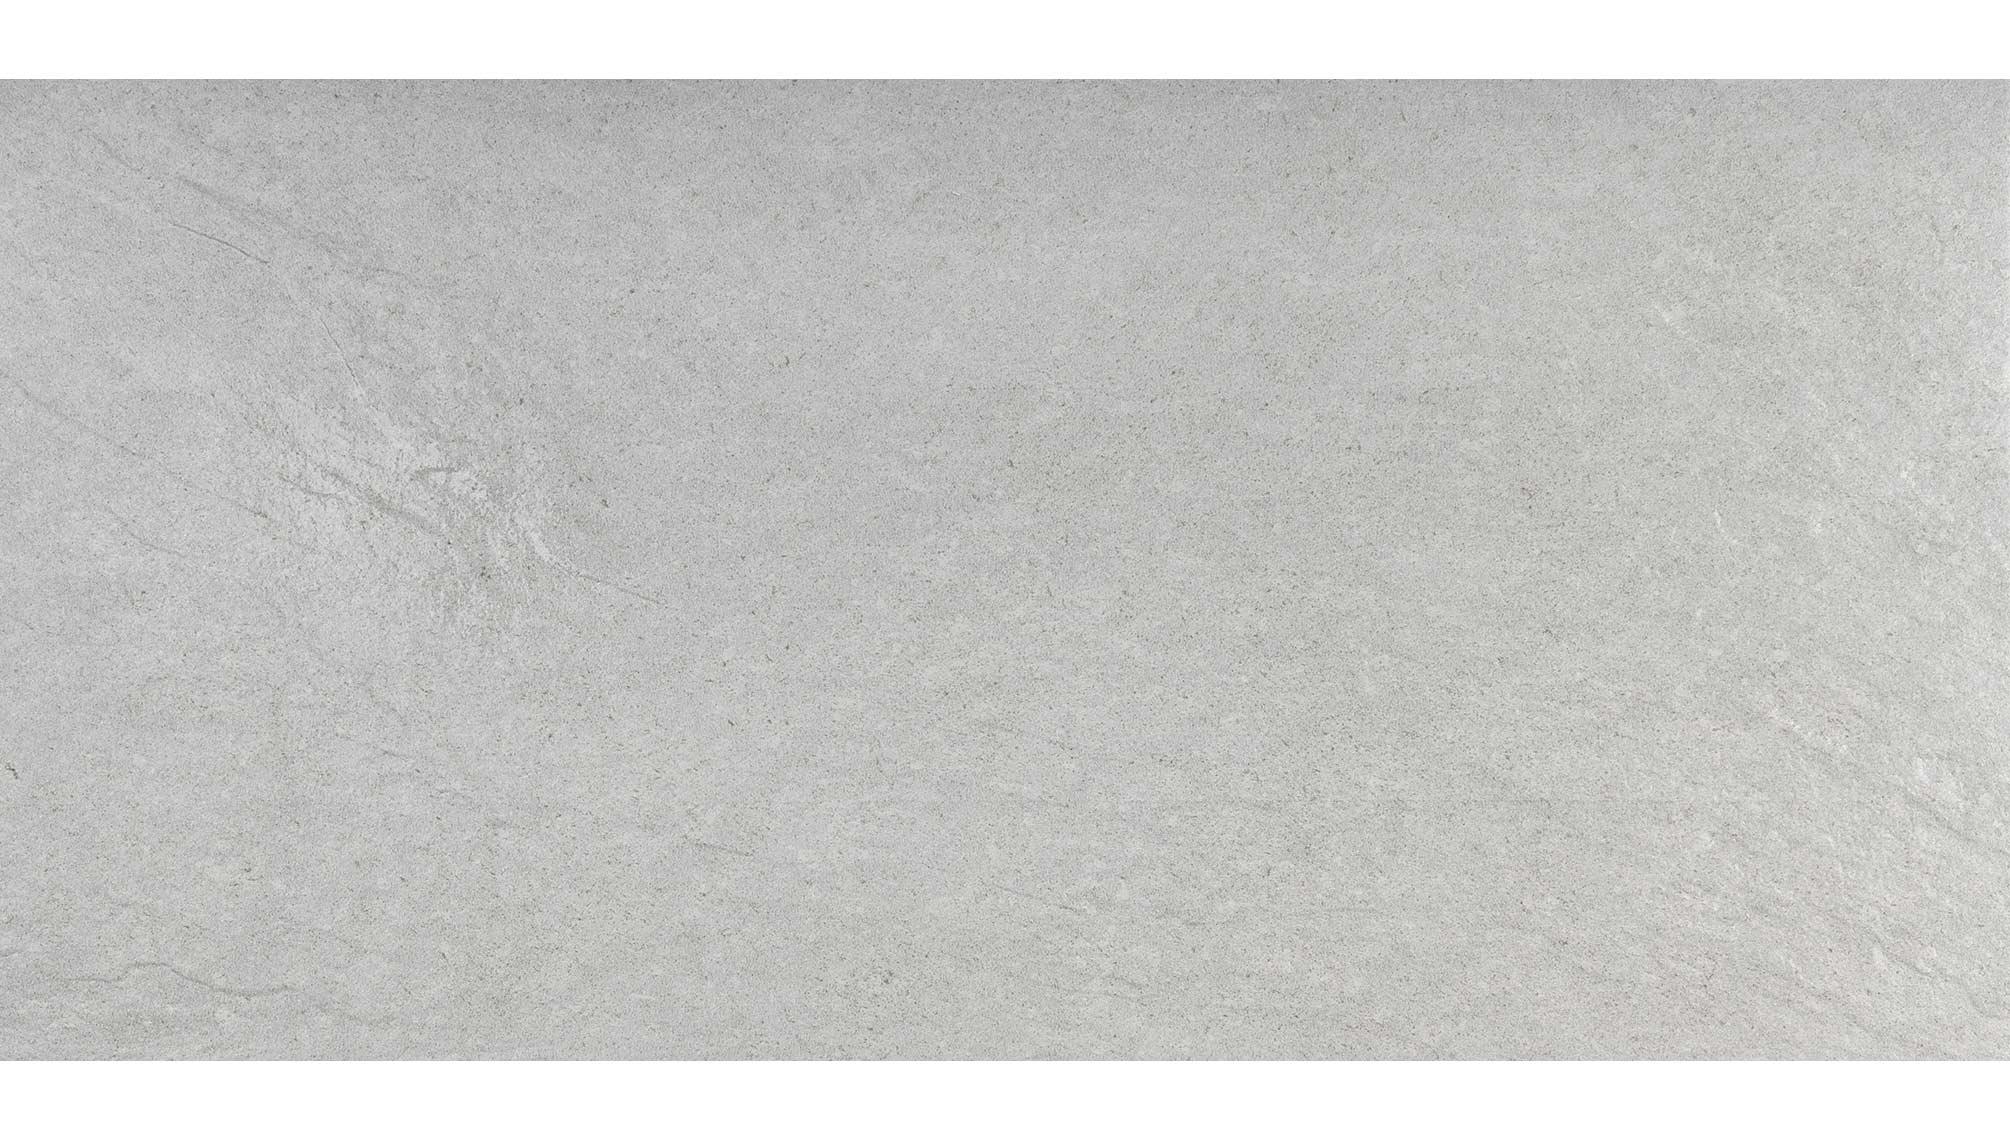 Badfliesen günstig kaufen >>Beim PROFI | fliesen24.com